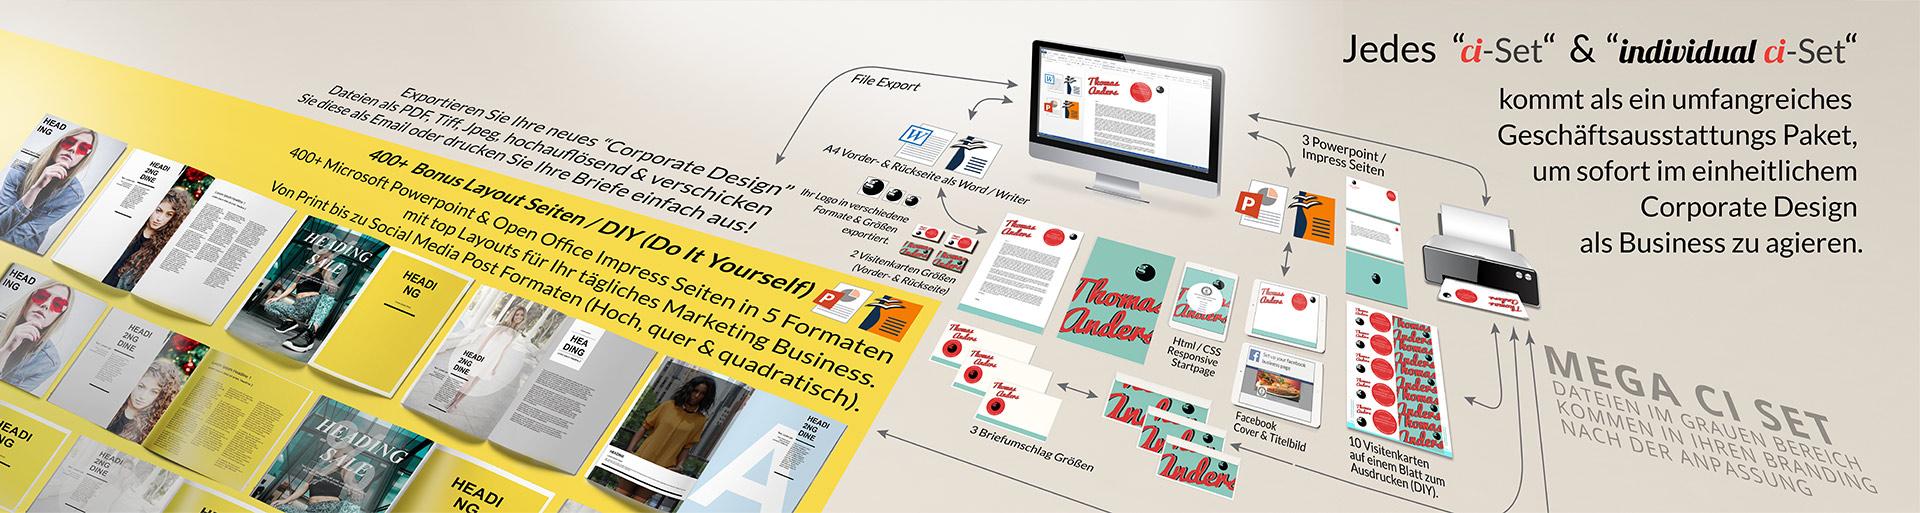 header ci set corporate design guenstig bezahlbar agentur grafik layout geschaeftsausstattung